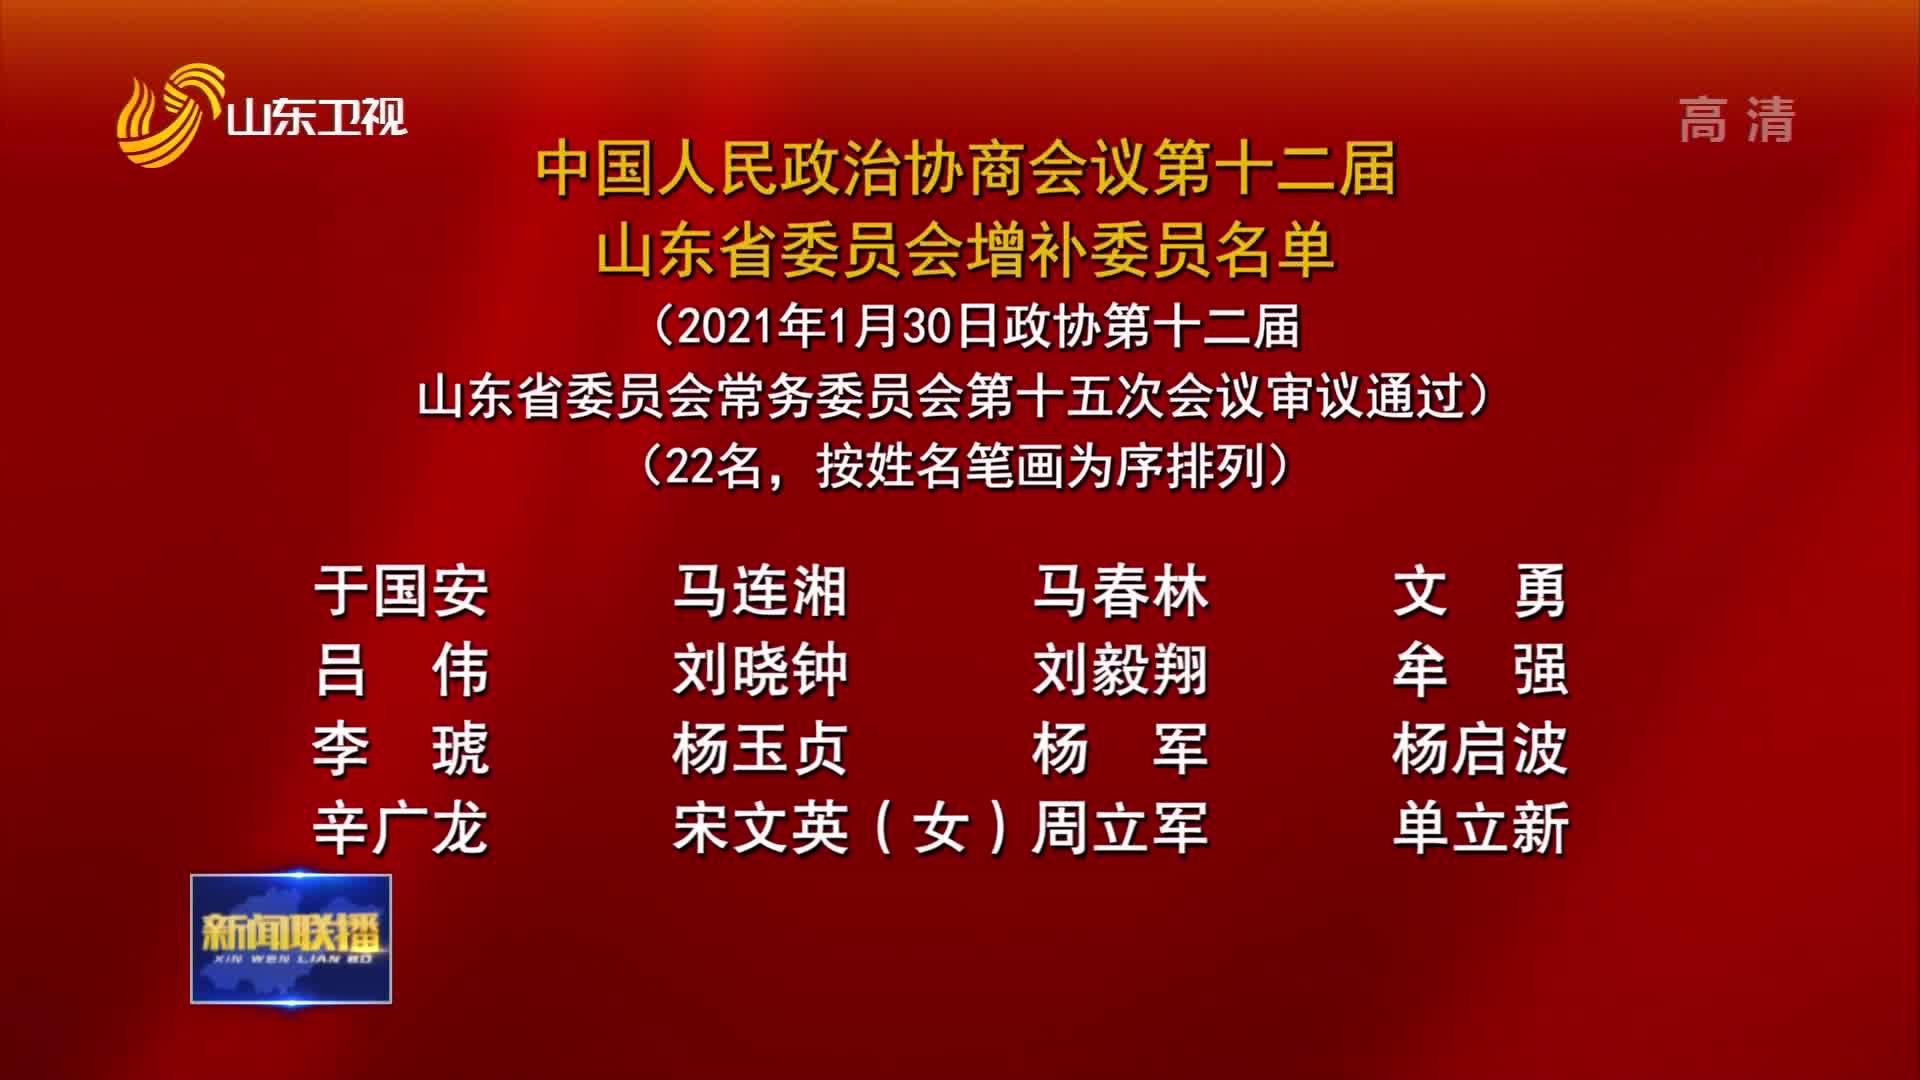 中国人民政治协商会议第十二届山东省委员会增补委员名单